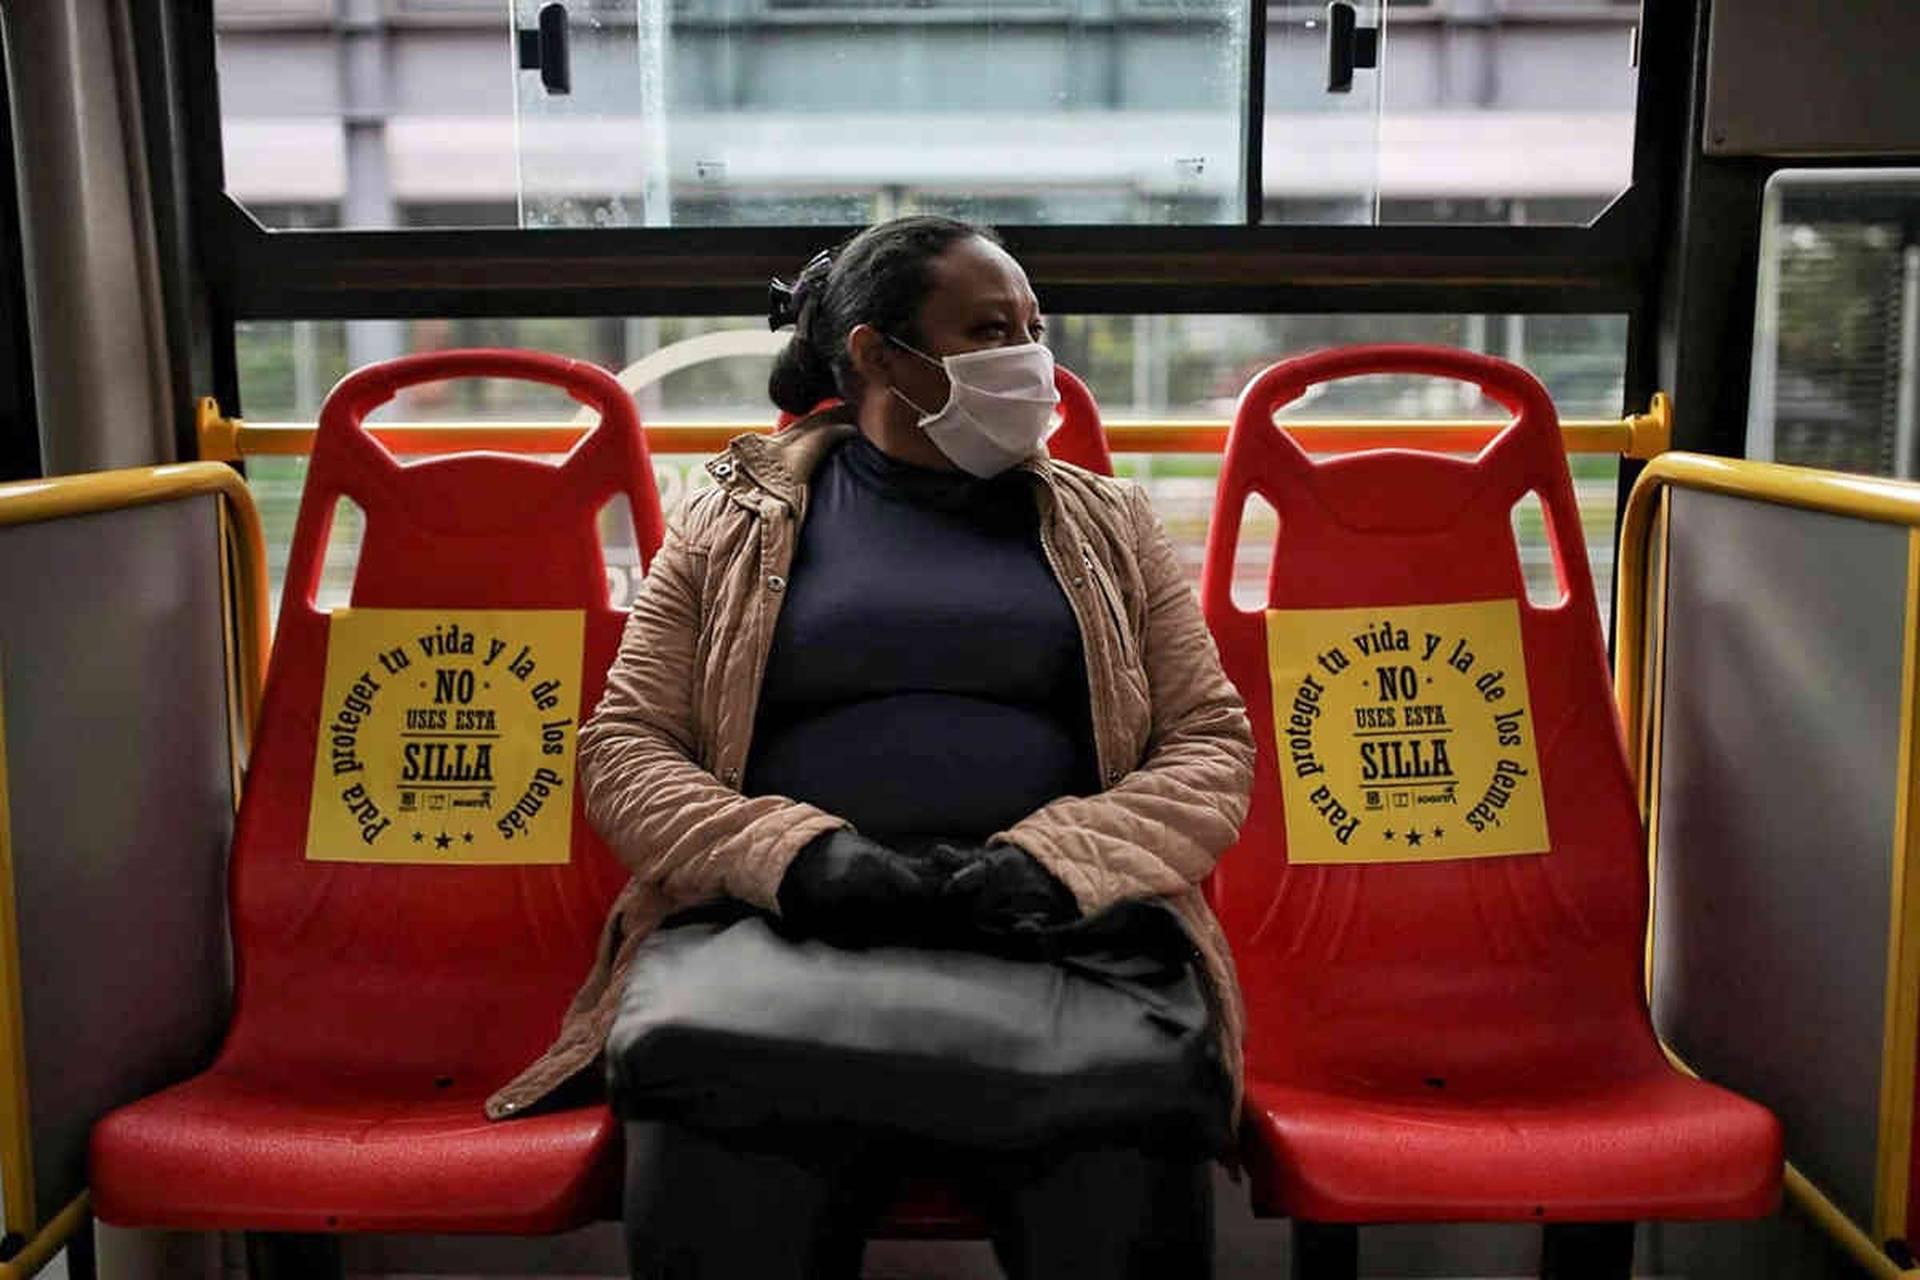 ¿Cuáles son las probabilidades de contagio en un bus?